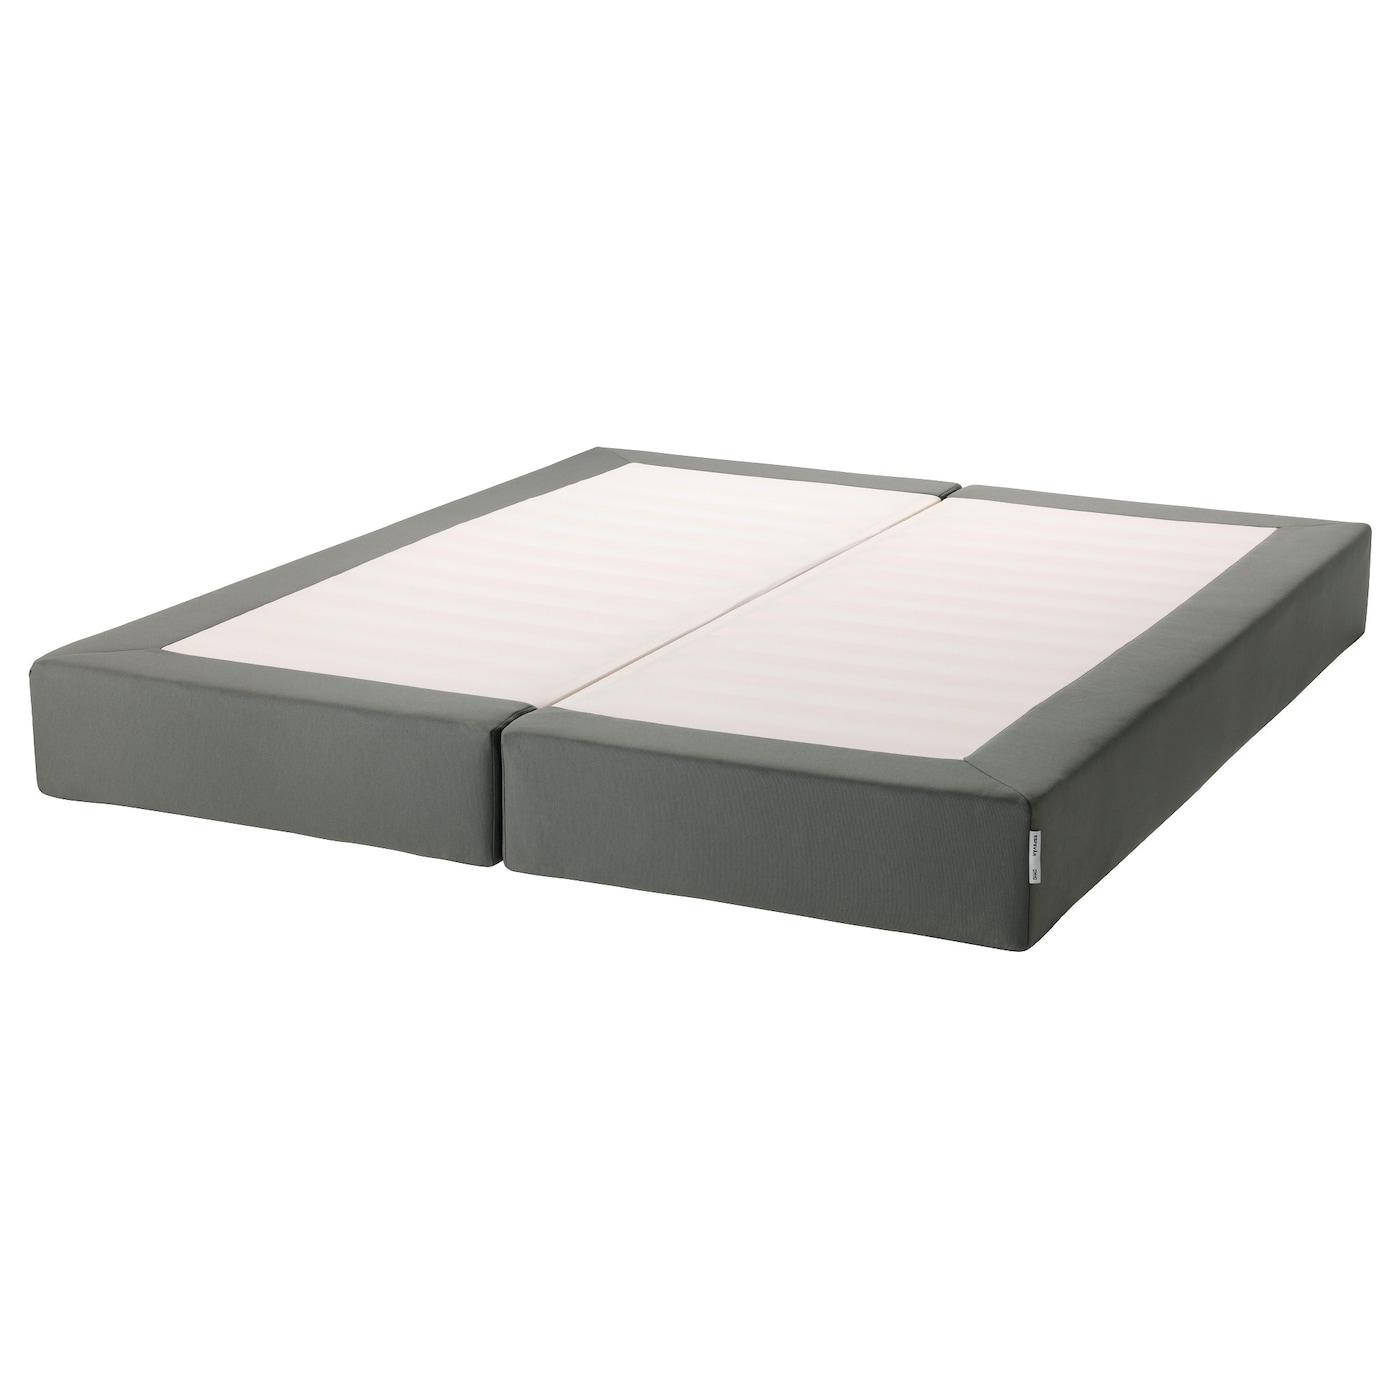 h v g matelas ressorts ensach s ferme gris fonc 180x200. Black Bedroom Furniture Sets. Home Design Ideas